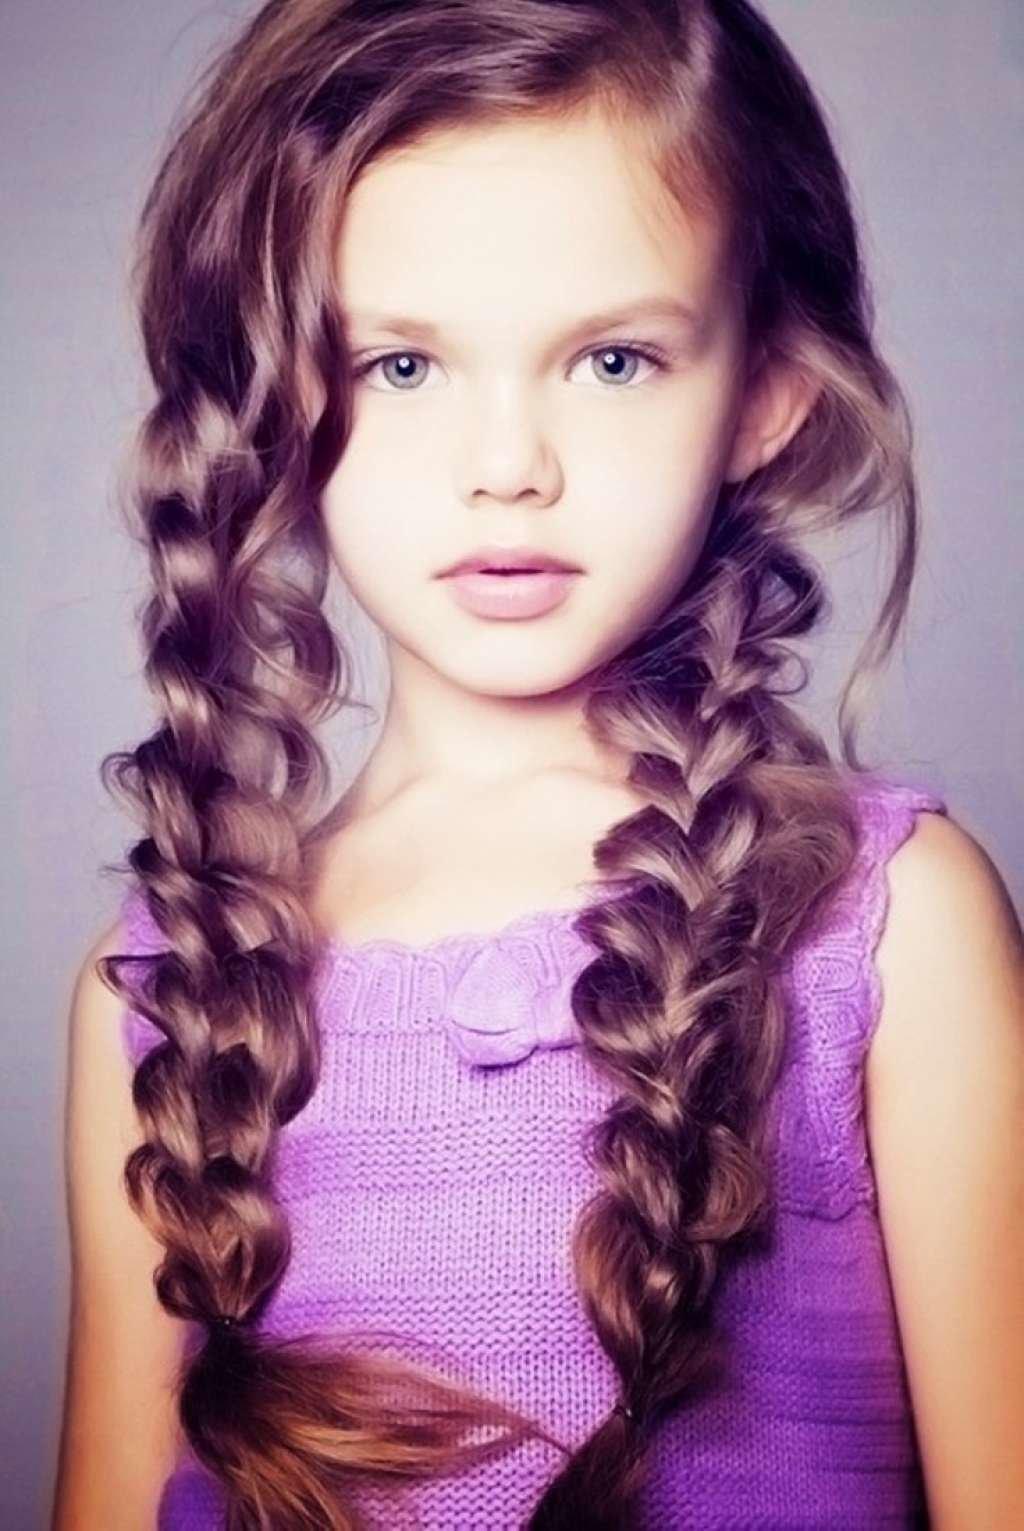 Фото прическа для девочки с длинными волосами